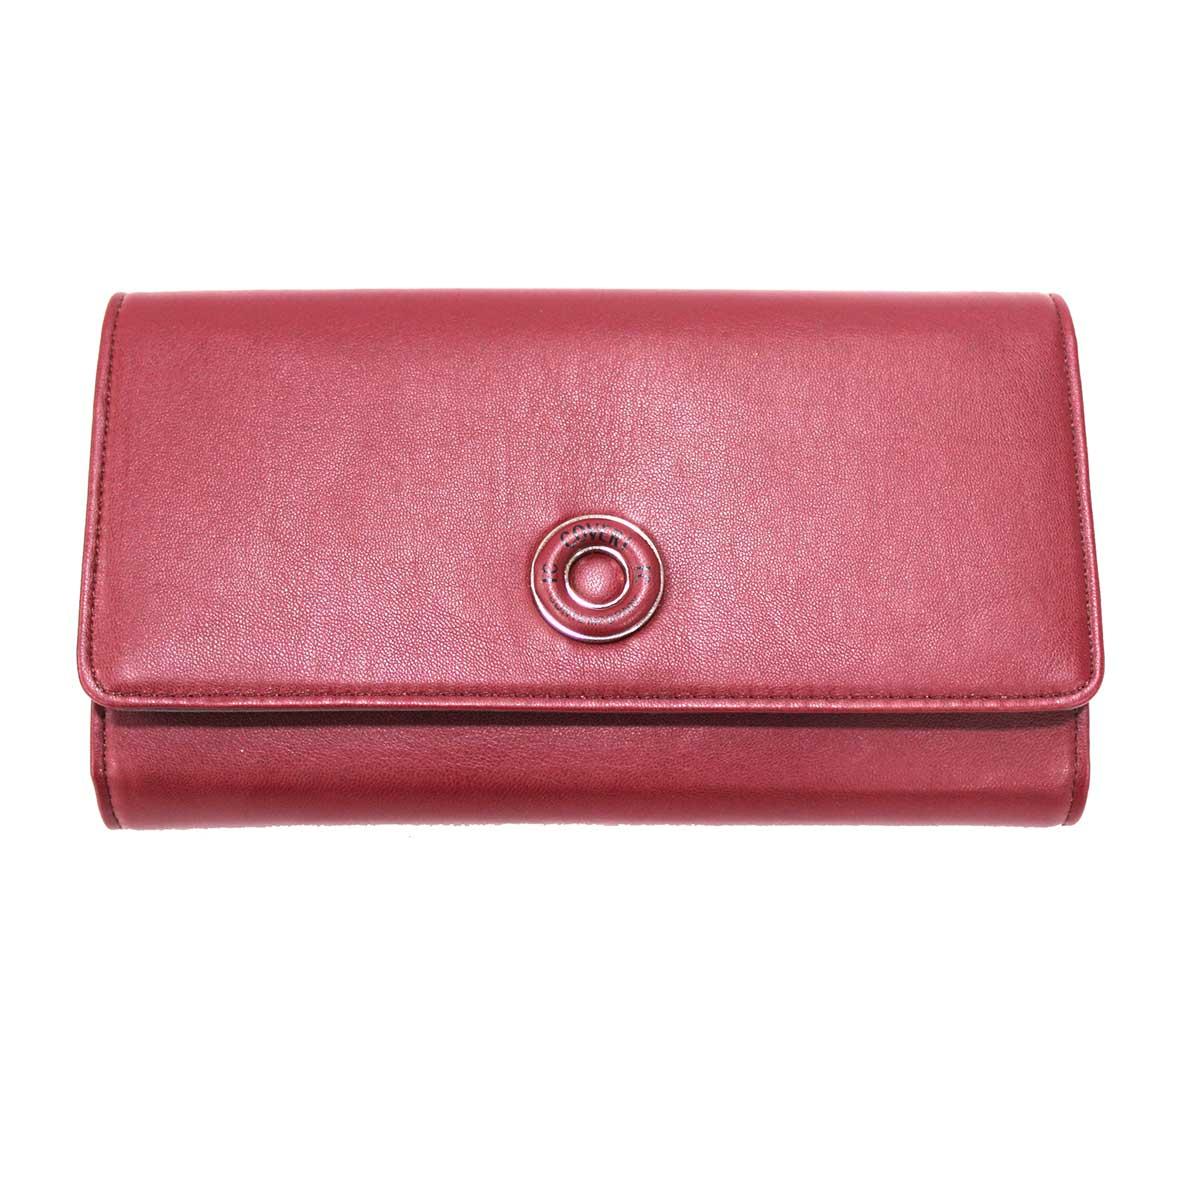 Mini borsa donna in ecopelle Contemporary Coveri 509 97 bordeaux